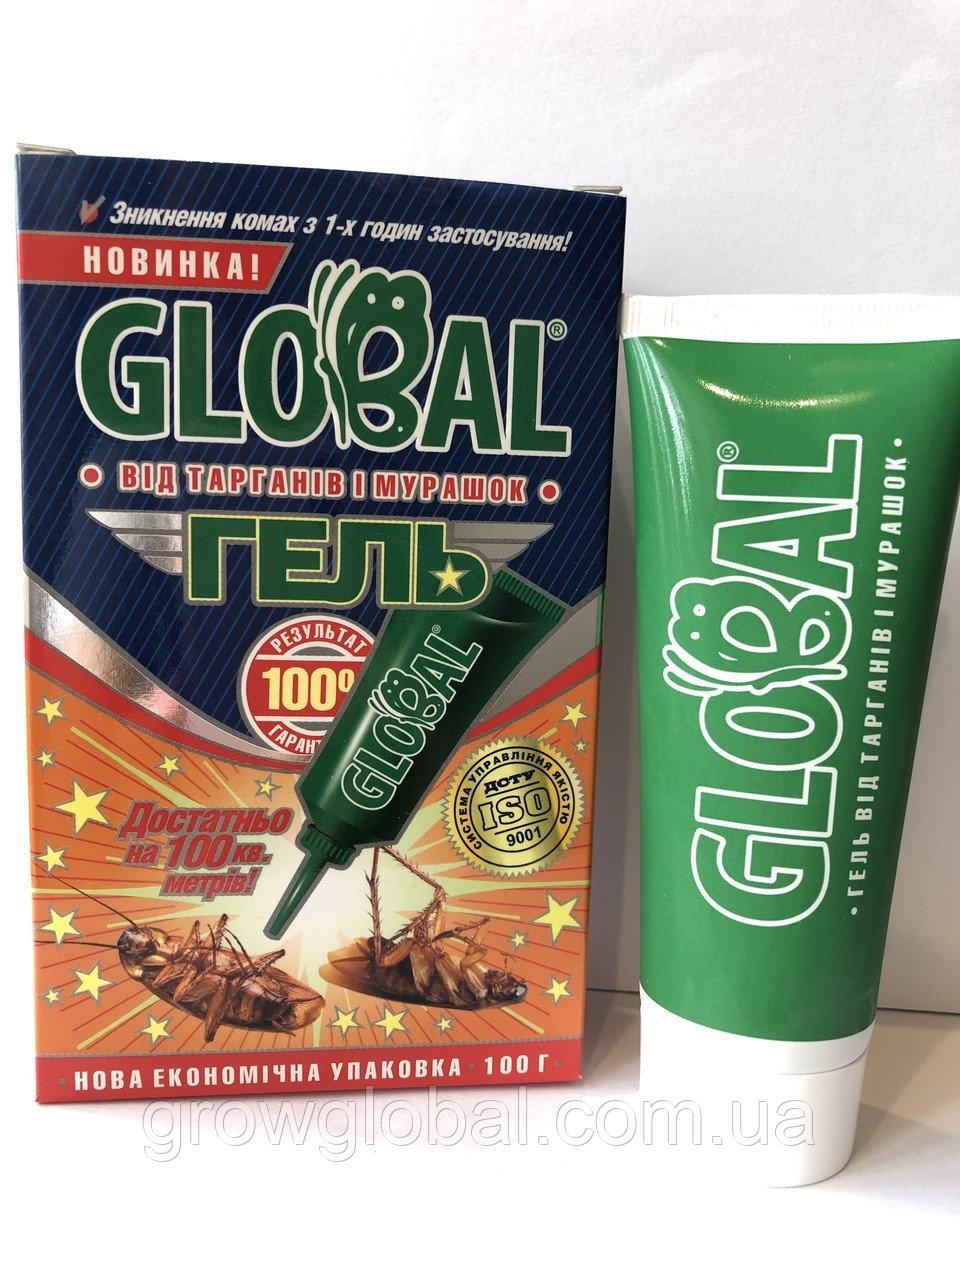 Обзор средств от тараканов глобал